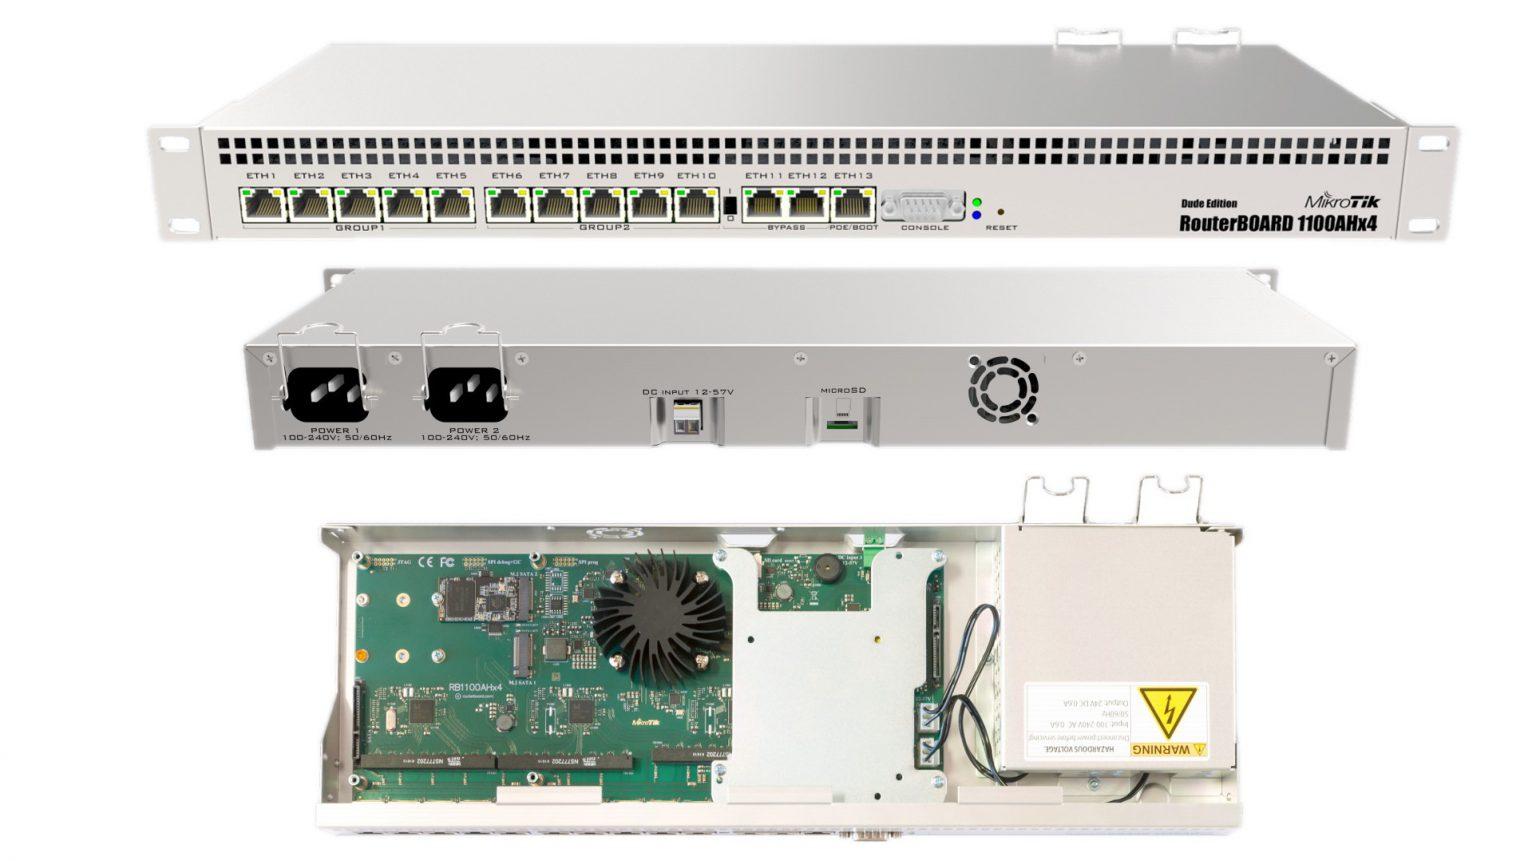 روتر 13 پورت میکروتیک مدل RB1100AHx4 Dude Edition